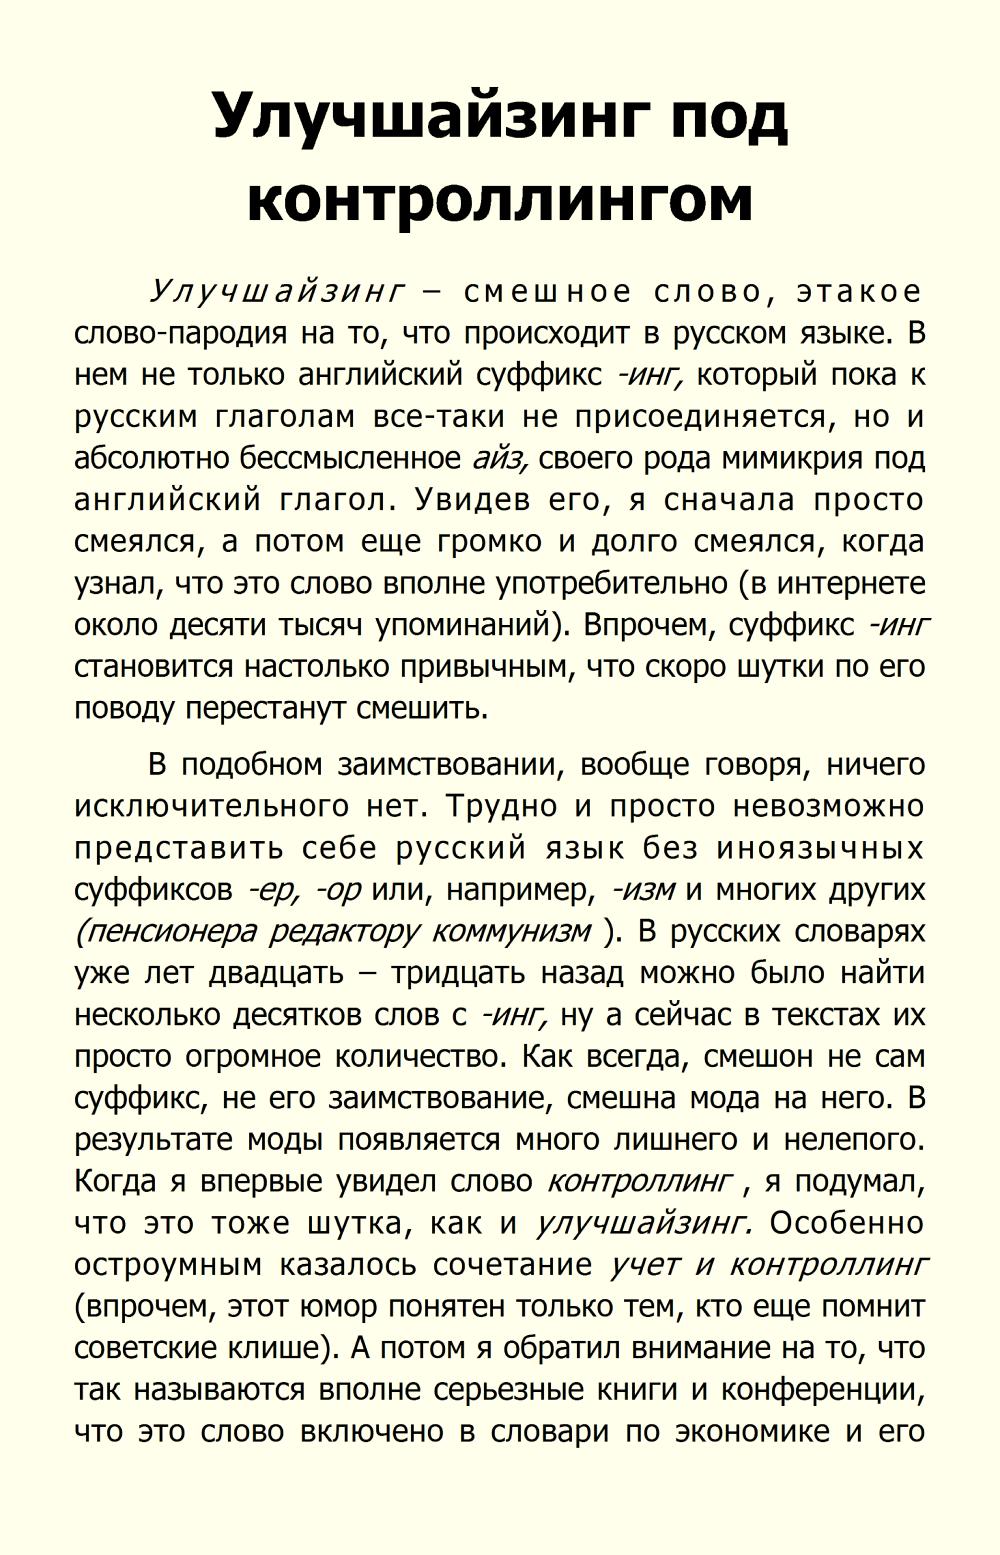 http://i2.imageban.ru/out/2013/11/27/b86f98fedcb8a0ff3c8572fce0c133f5.jpg